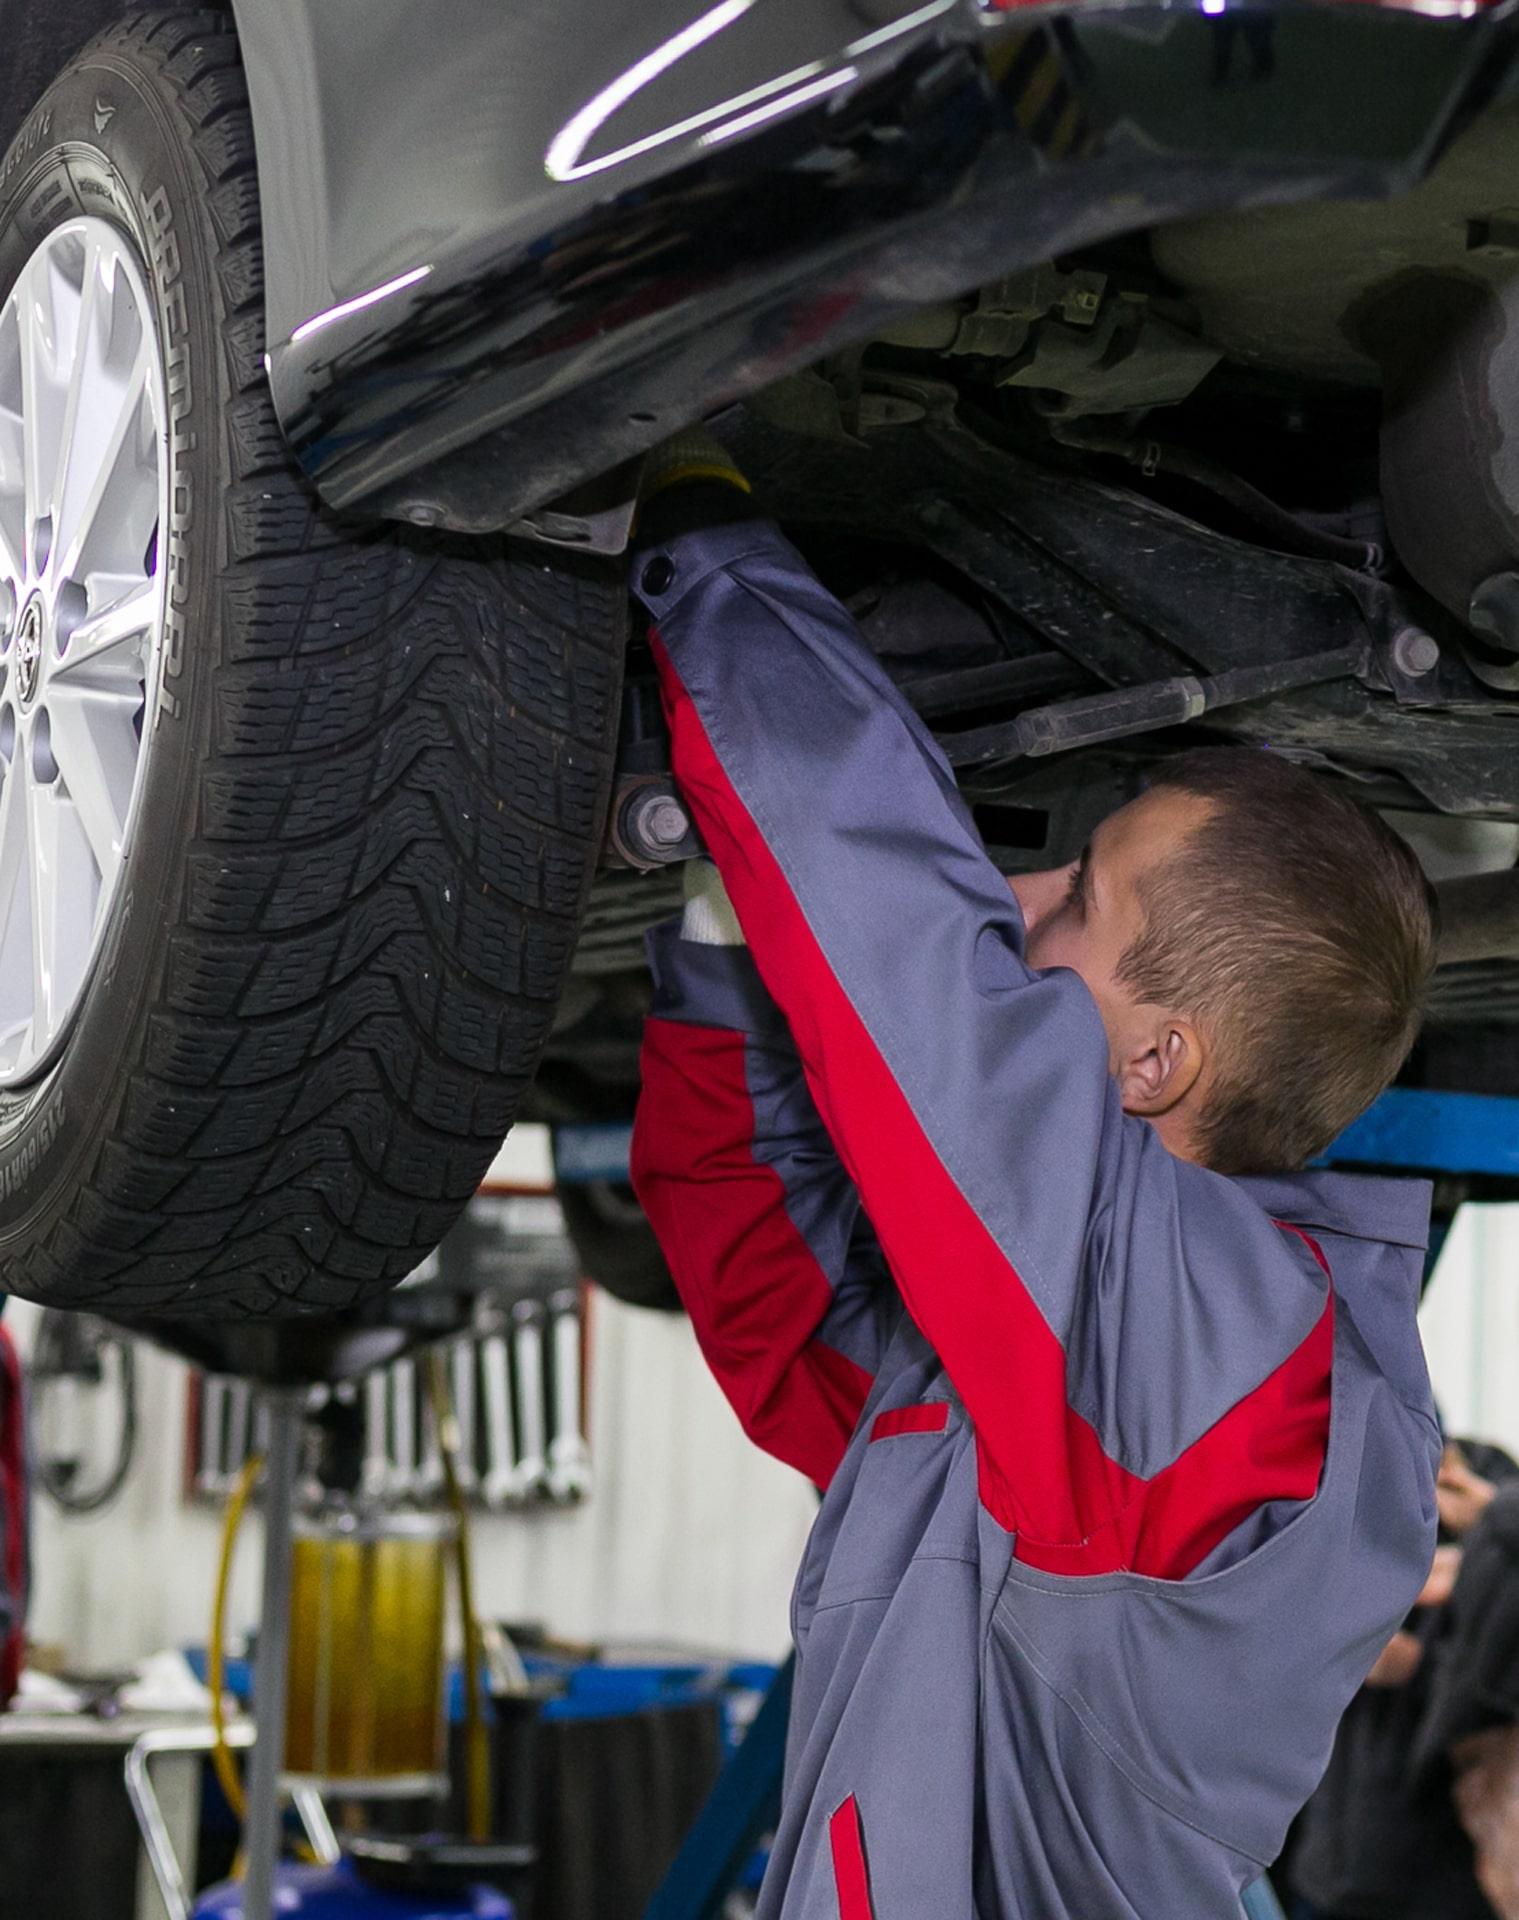 Kfz-Mechaniker Reparatur ABS-Sensor